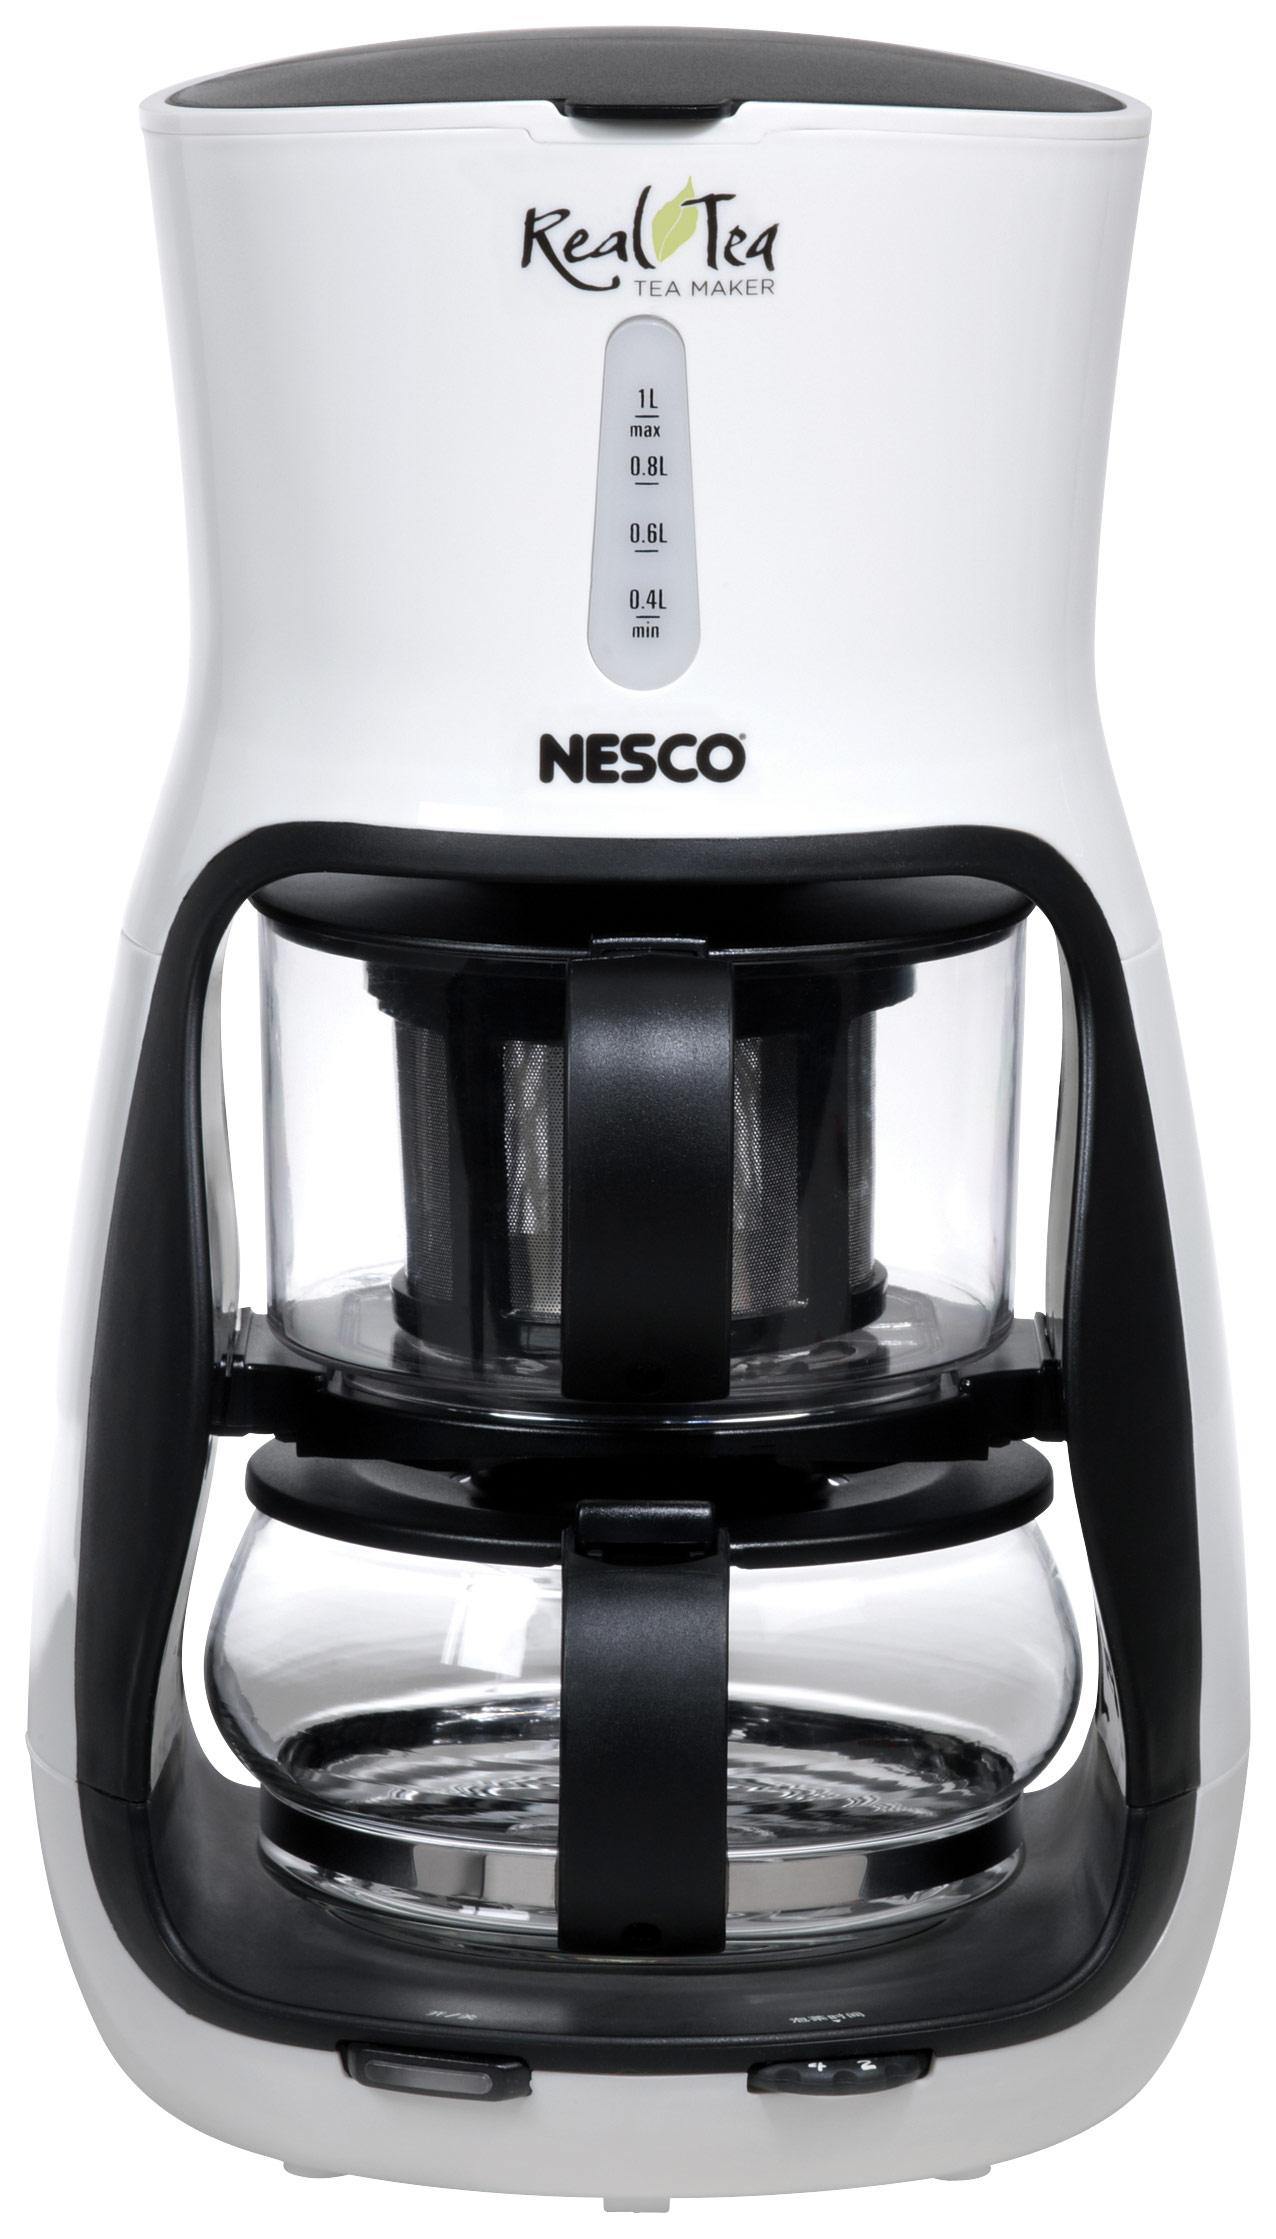 Nesco - 1L Tea Maker - White